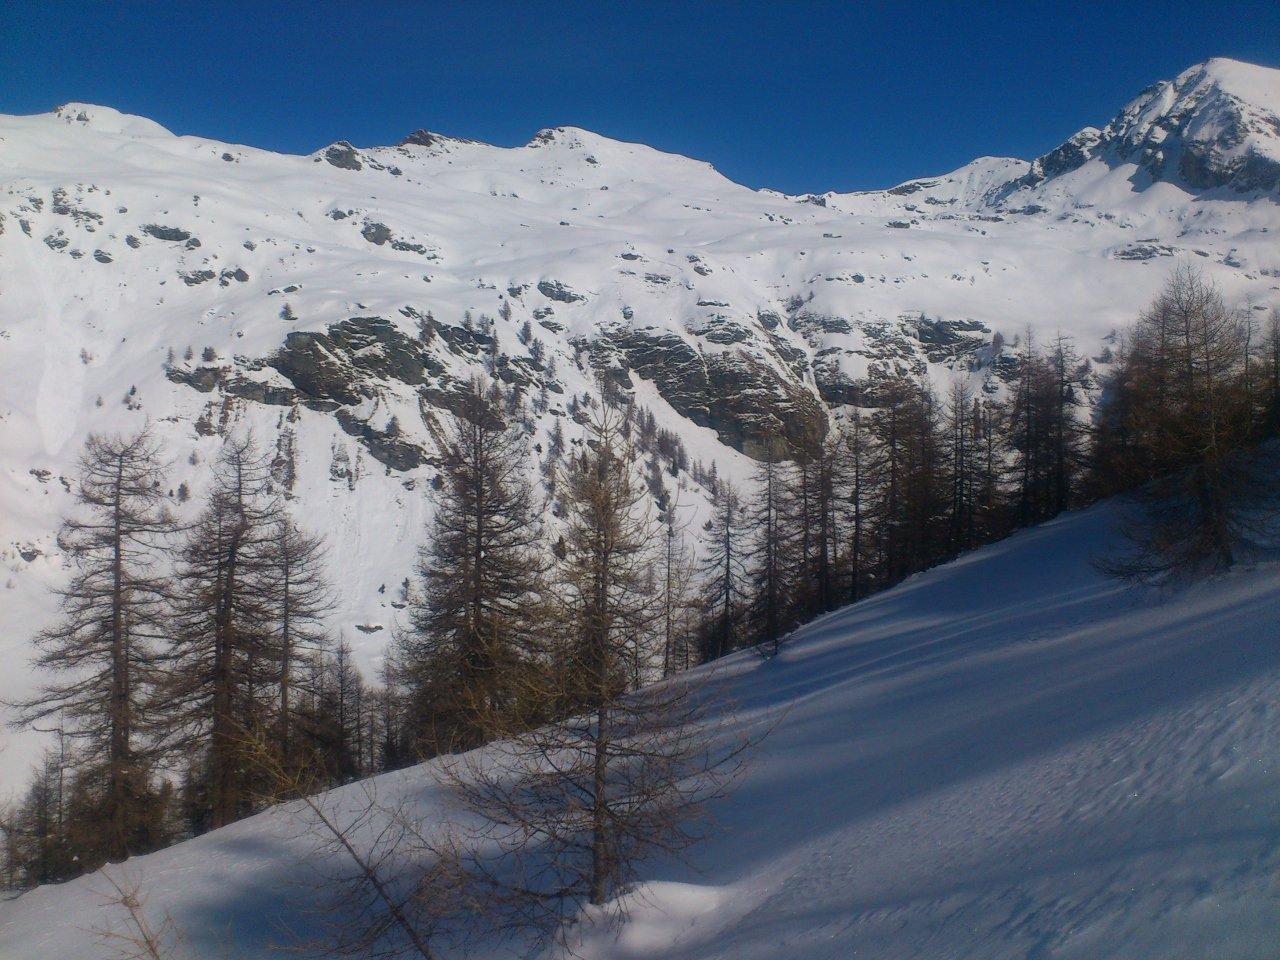 bella giornata e bella neve